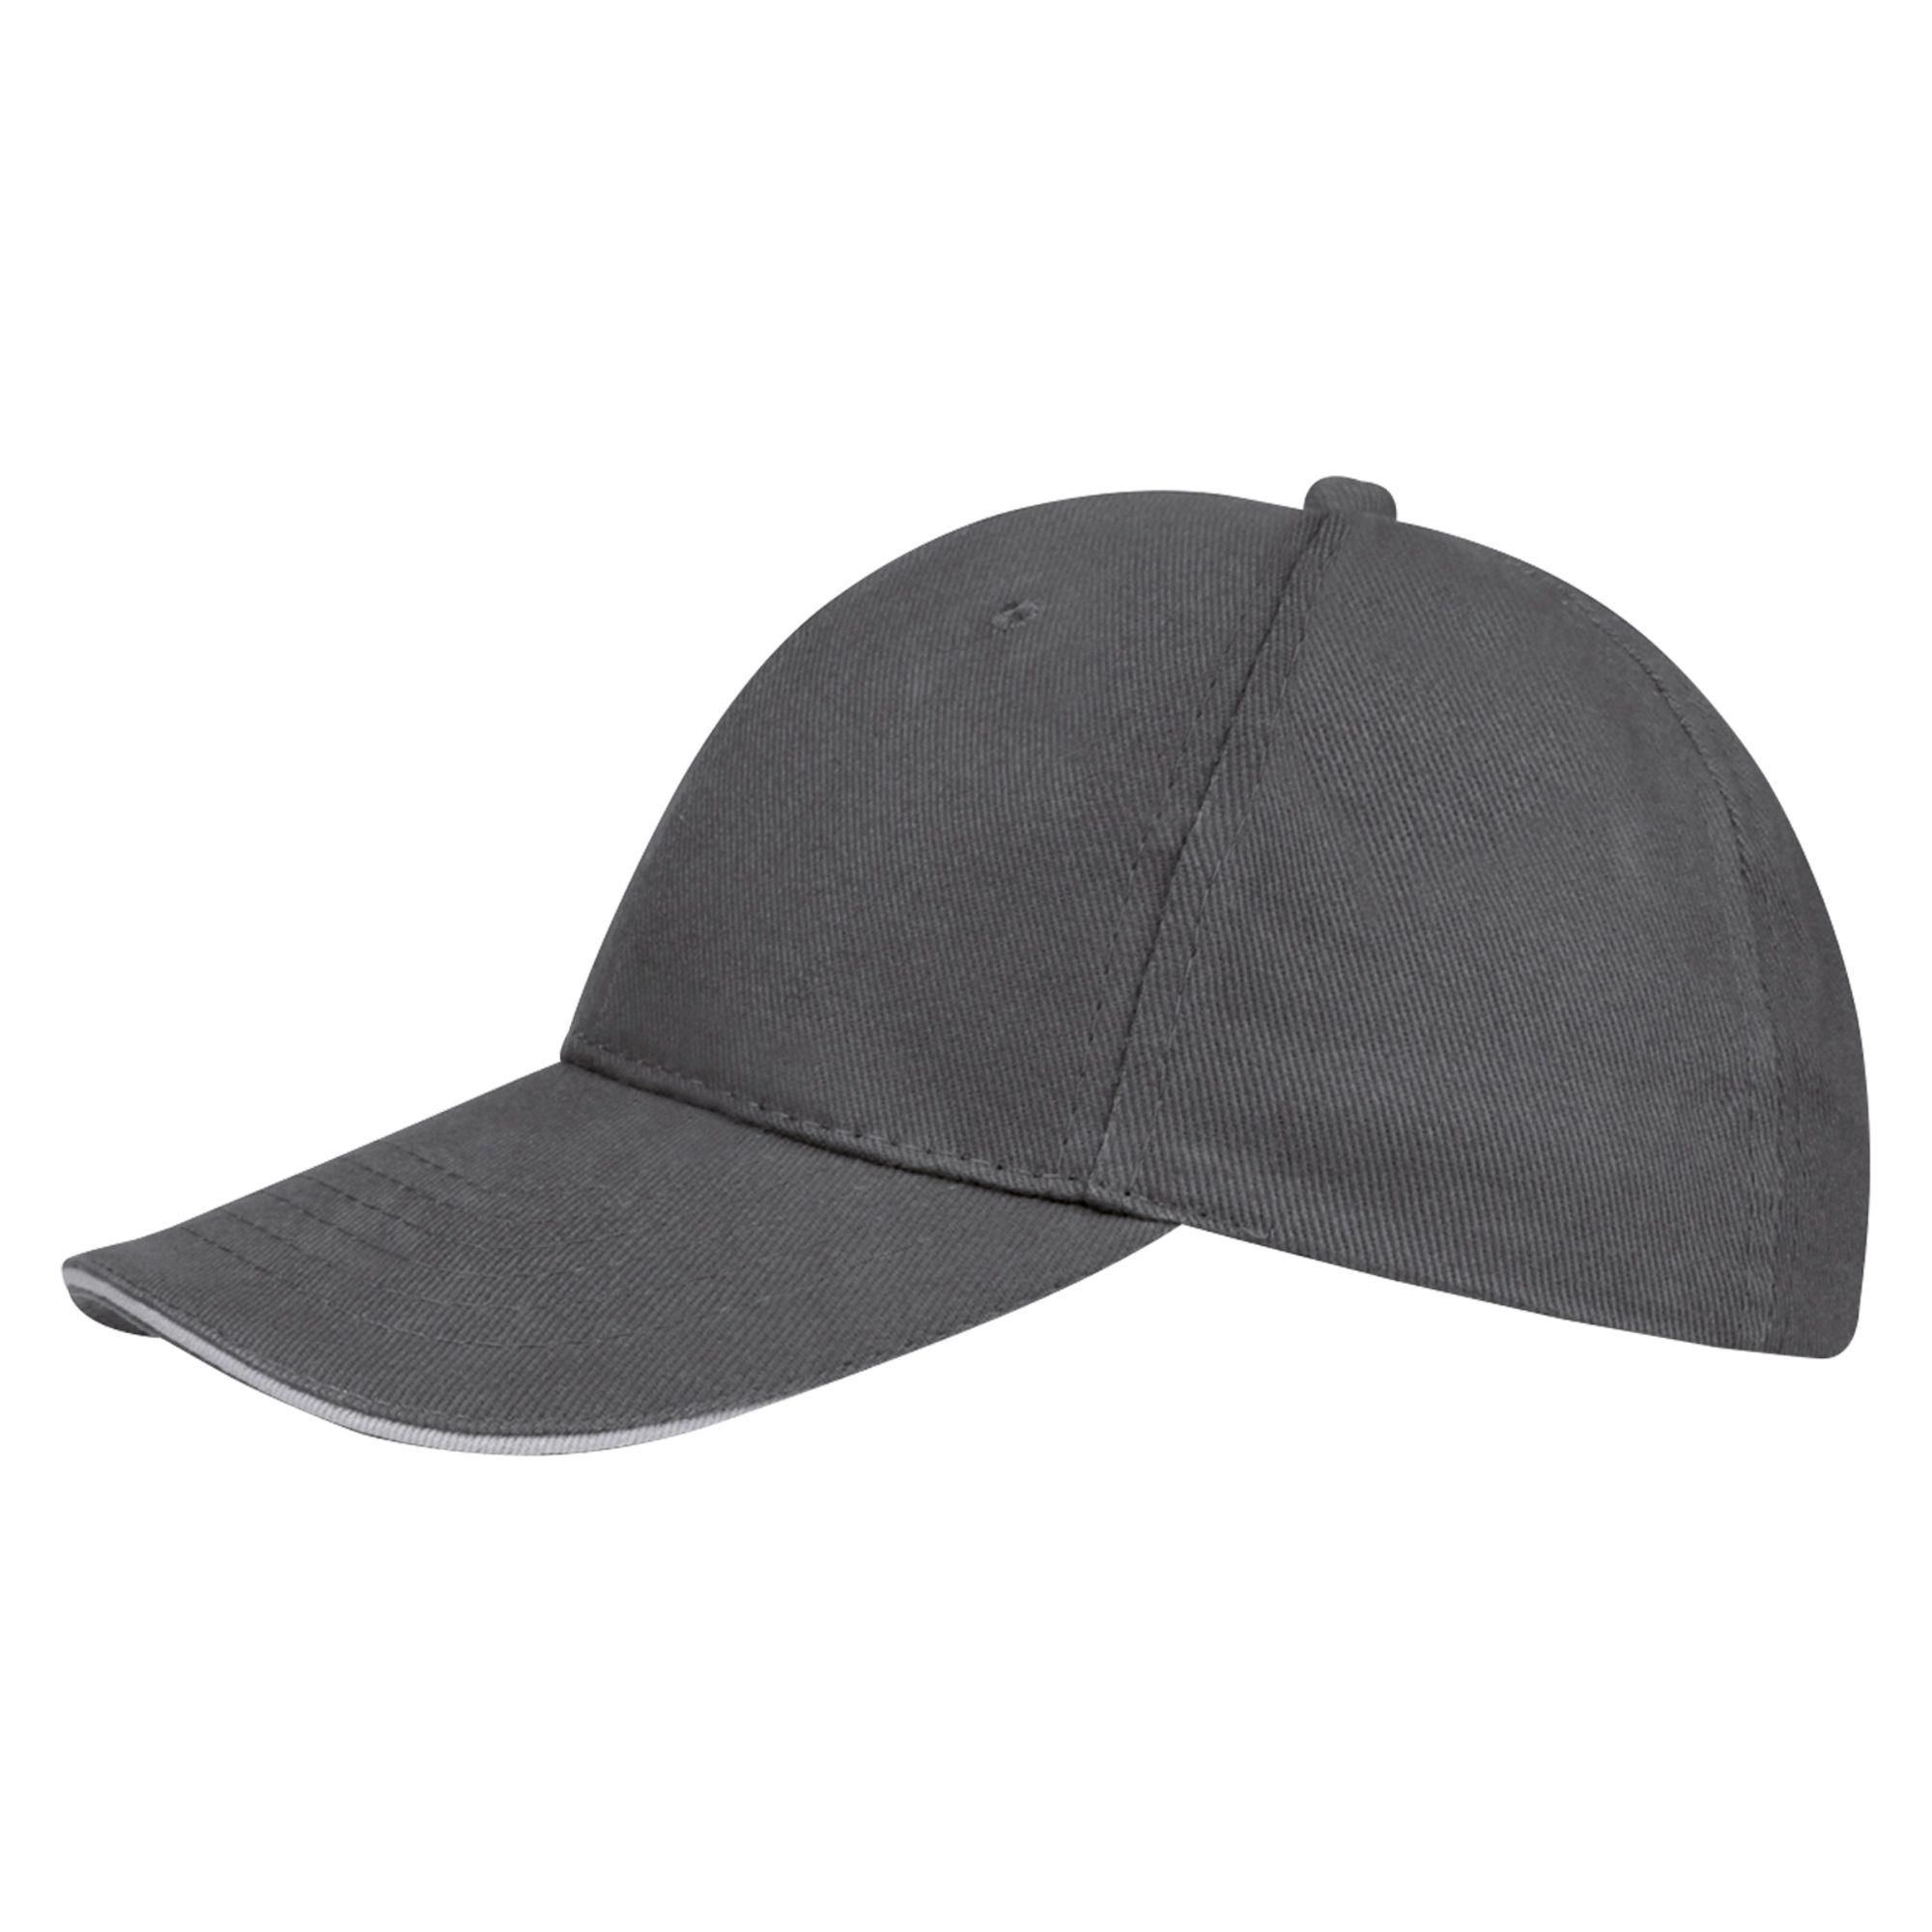 Бейсболка BUFFALO, темно-серая со светло-серым